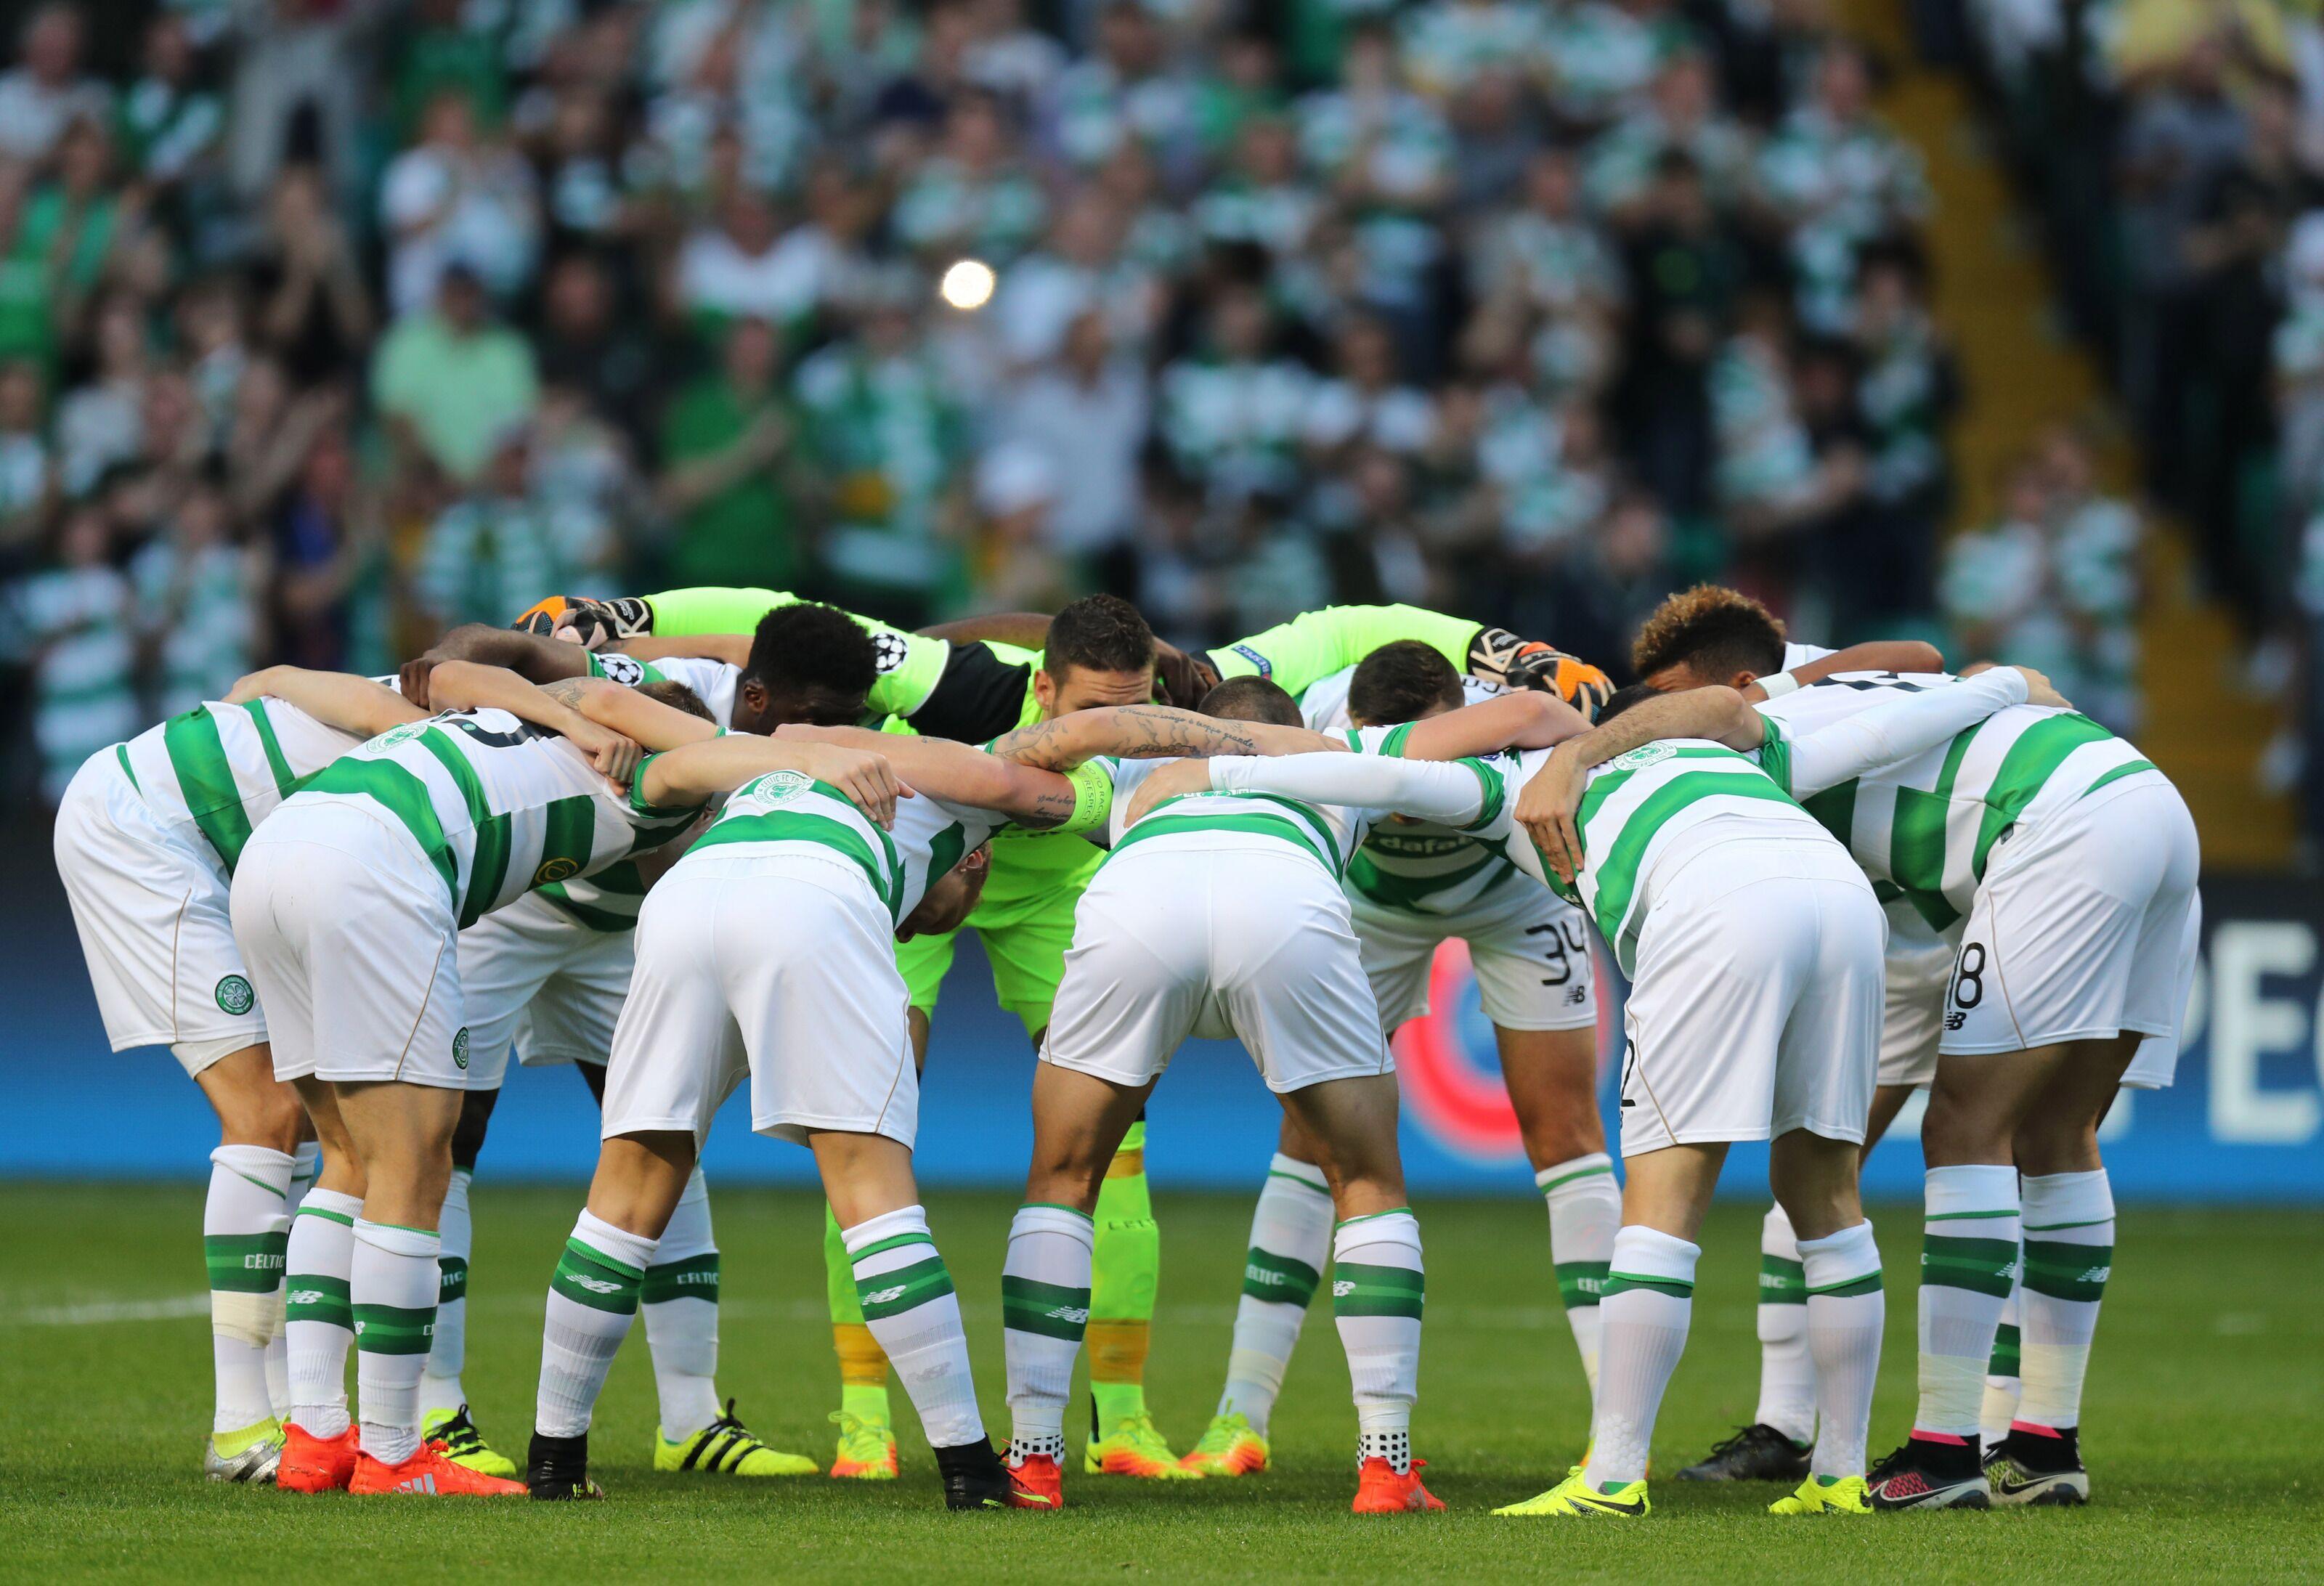 Celtic Starting XI vs Rangers: Massive star misses out